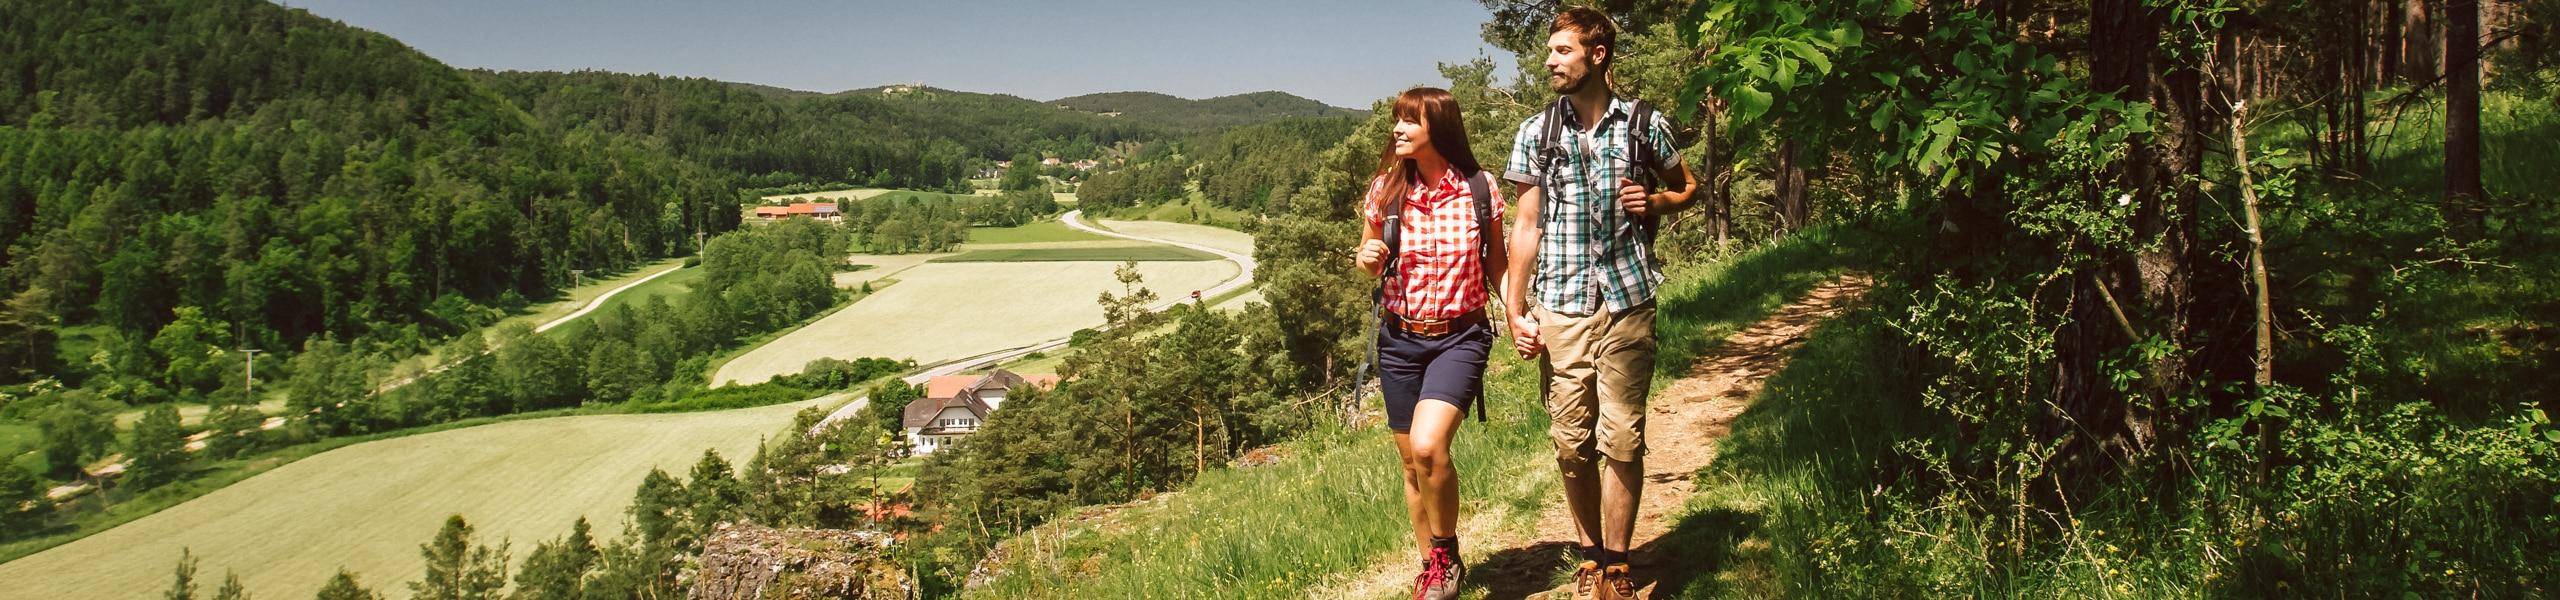 Der Landkreis Amberg-Sulzbach hat es in sich. Neben seiner wunderbaren Landschaft hat er noch so einige Überraschungen zu bieten.